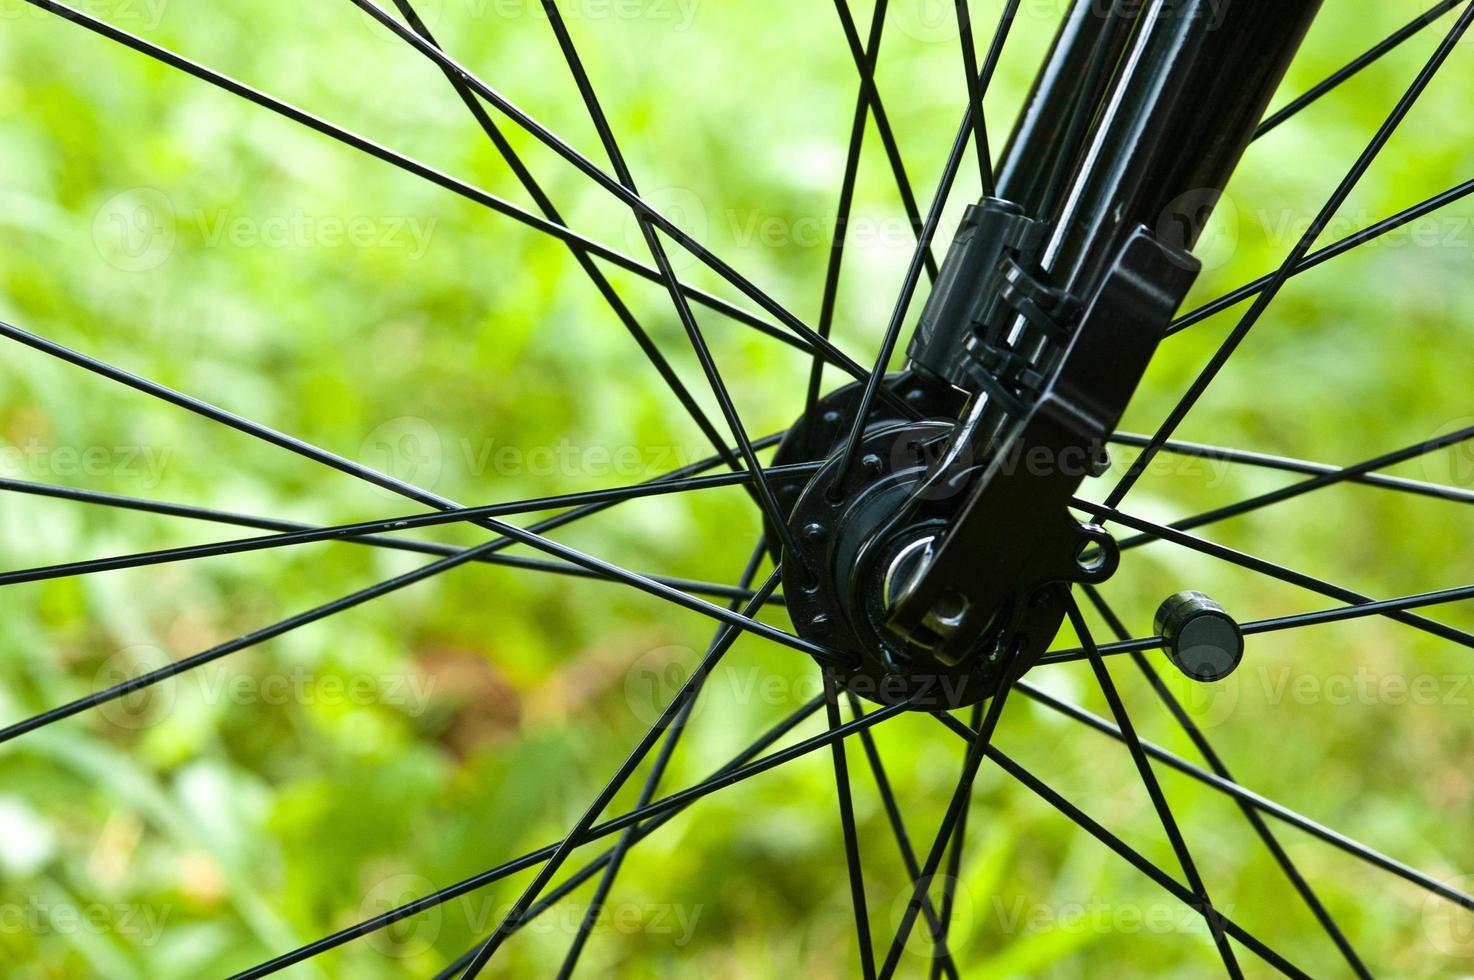 cerca de la rueda de bicicleta foto